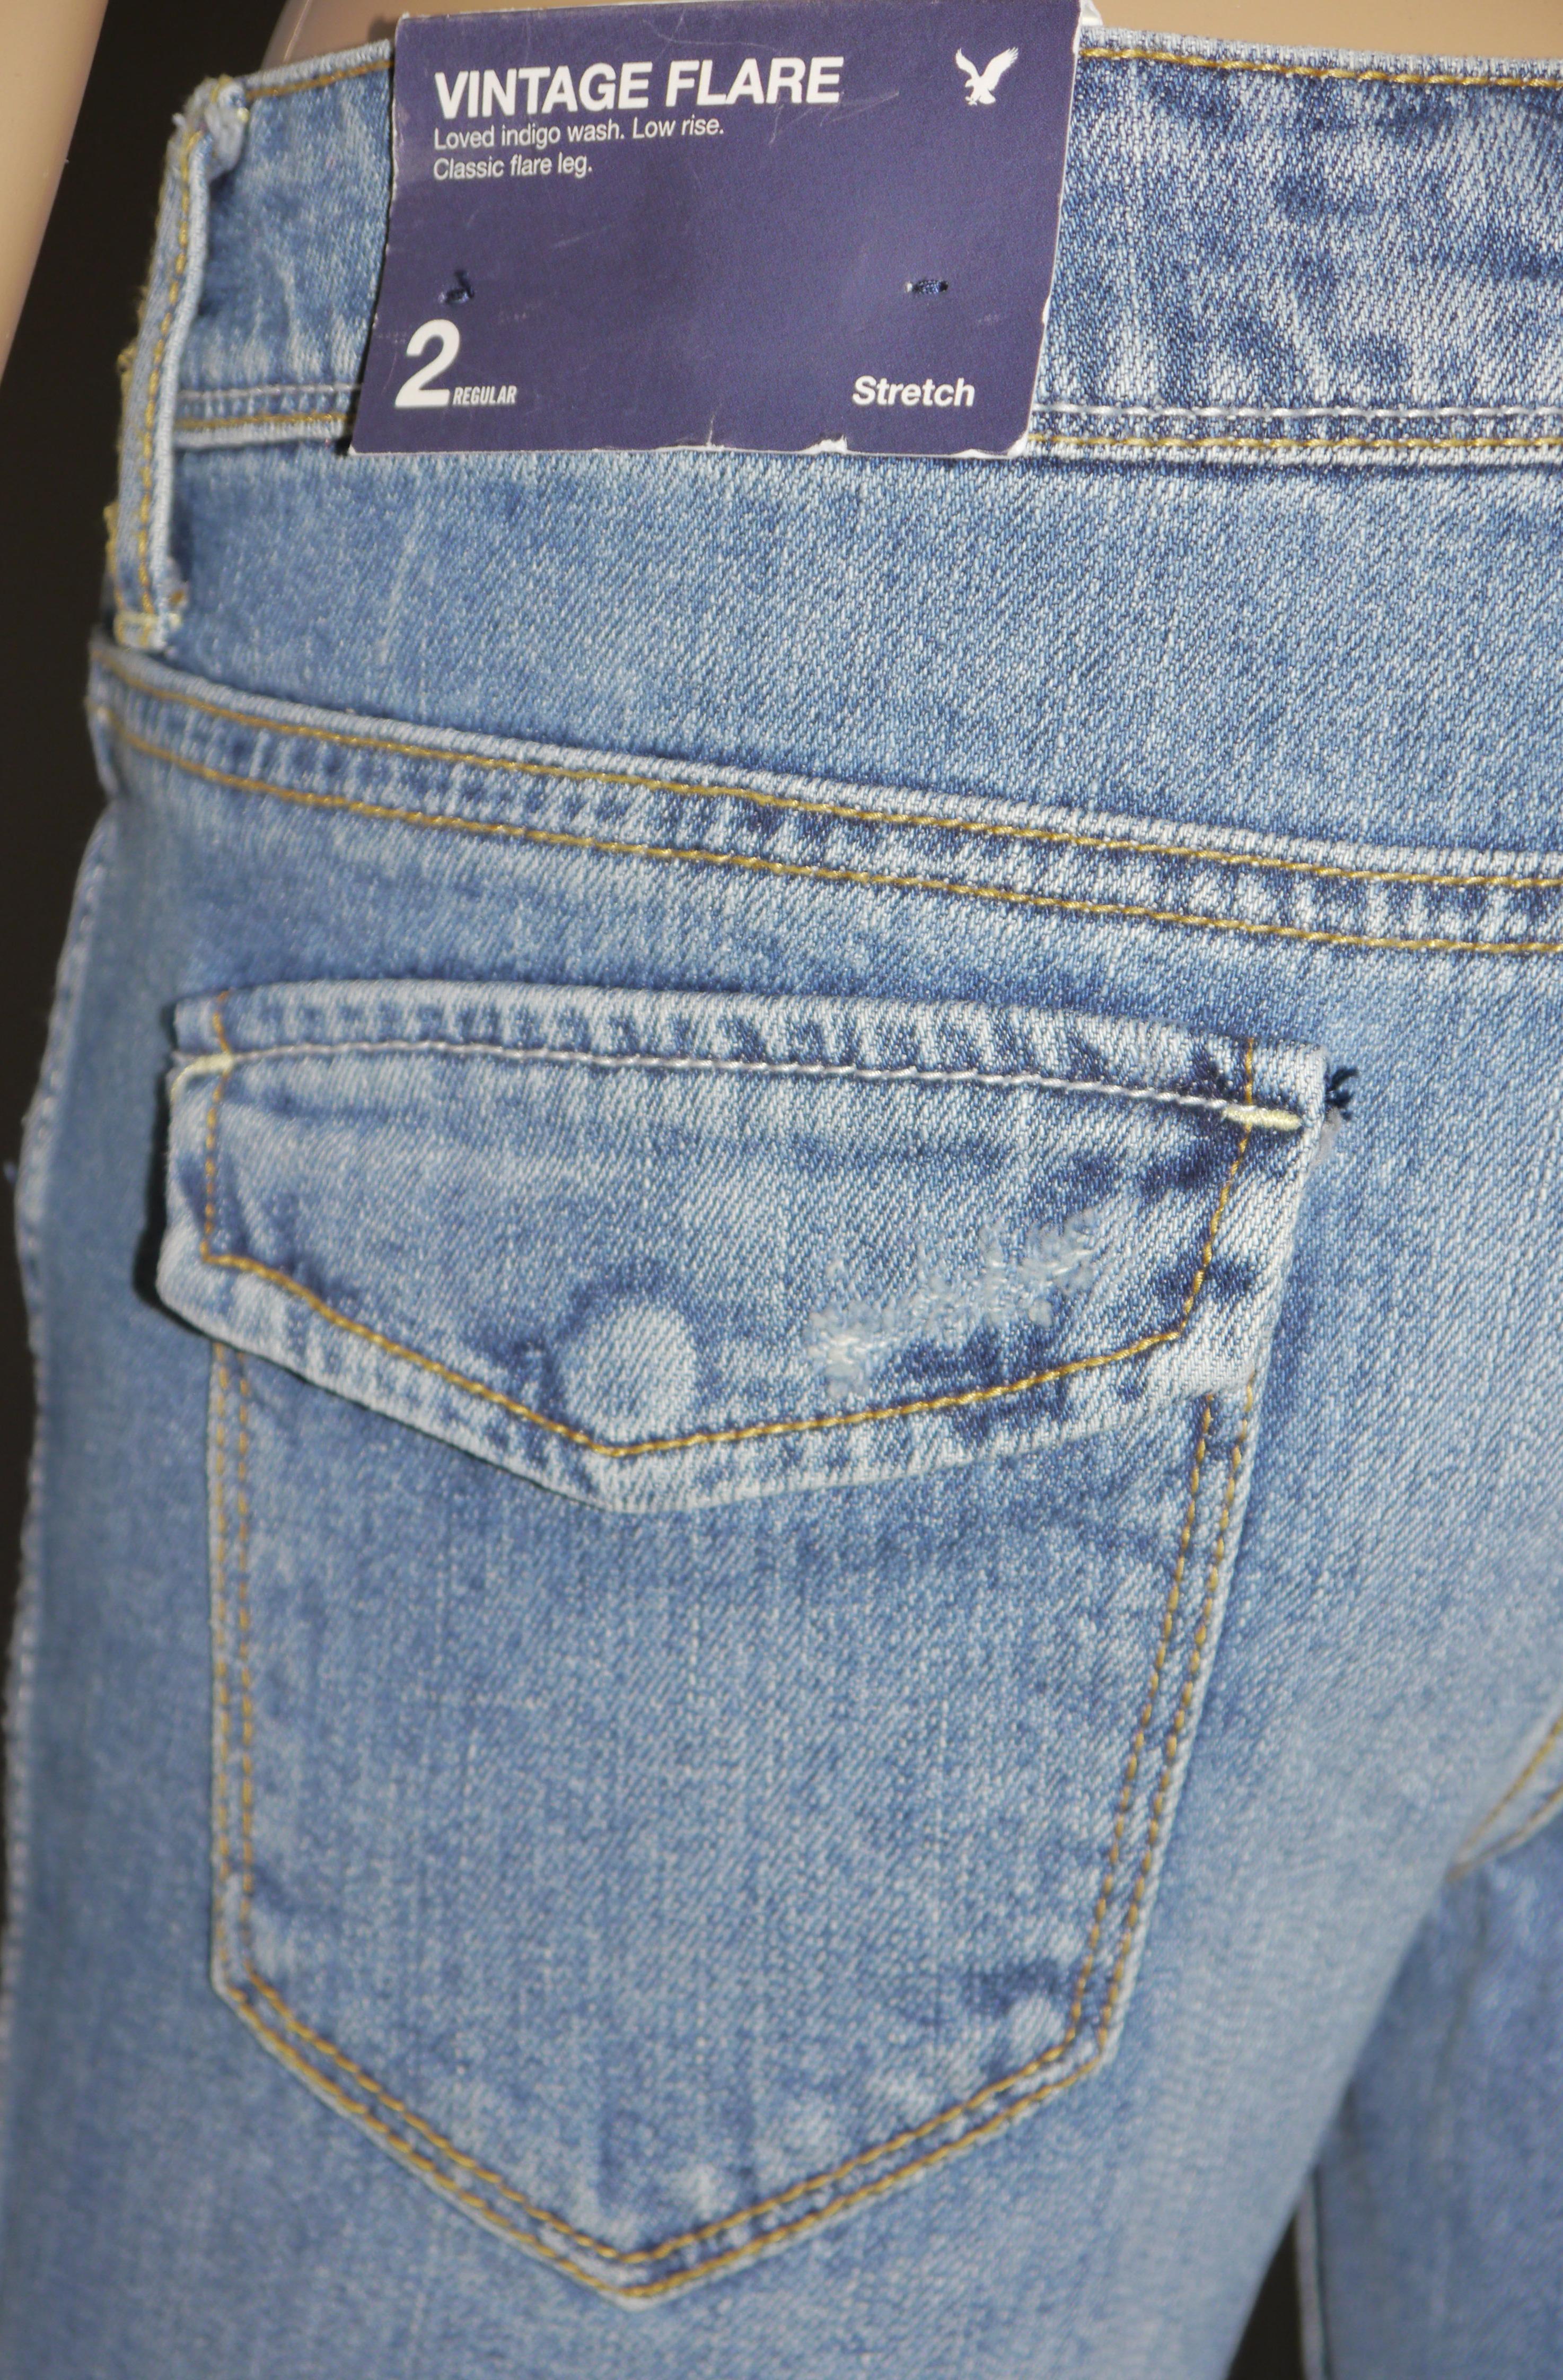 left rear pocket